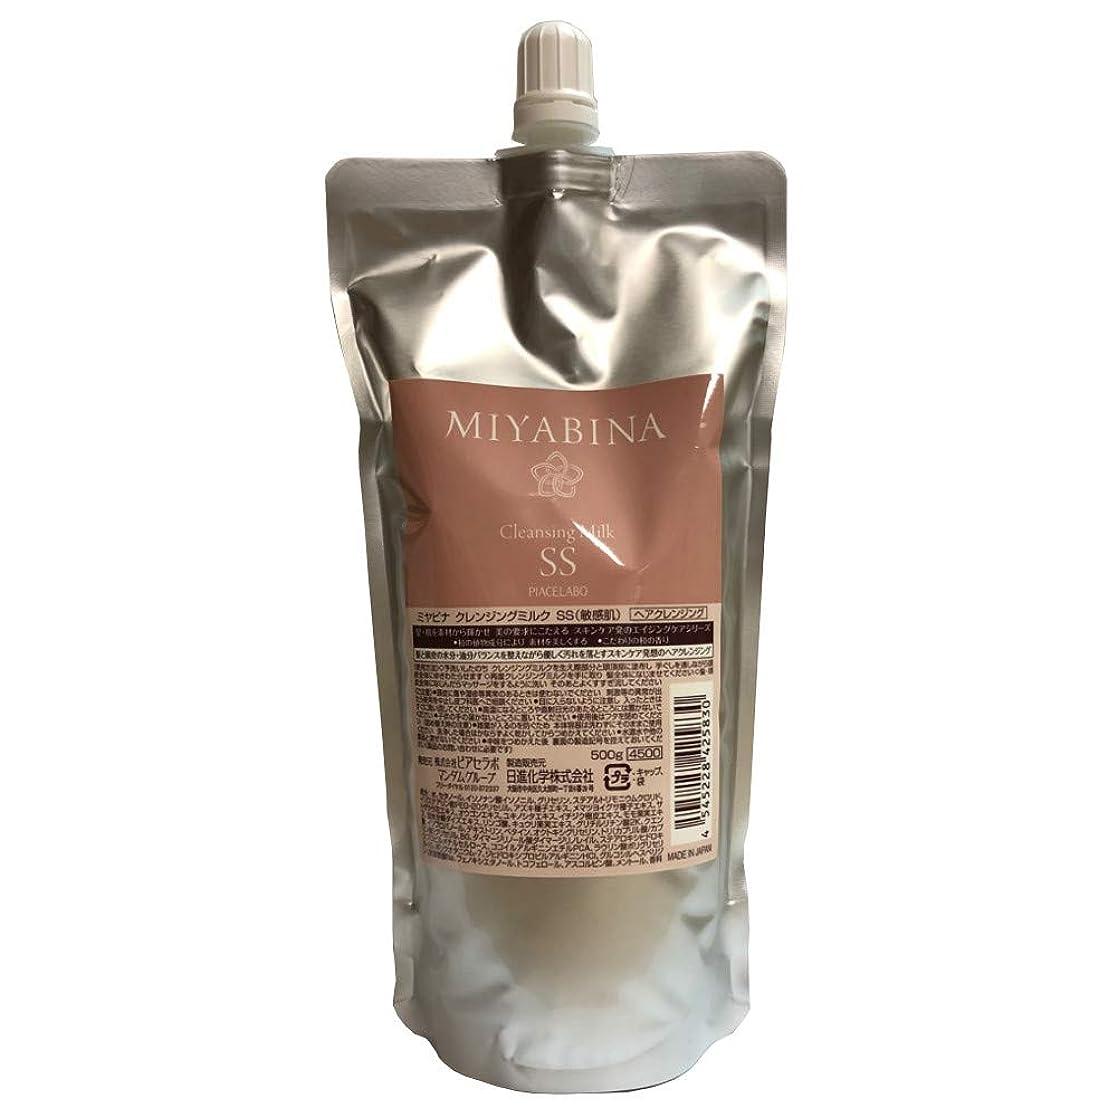 教育する正午機械ミヤビナ クレンジングミルク SS(敏感肌) 500g レフィル(詰め替え)